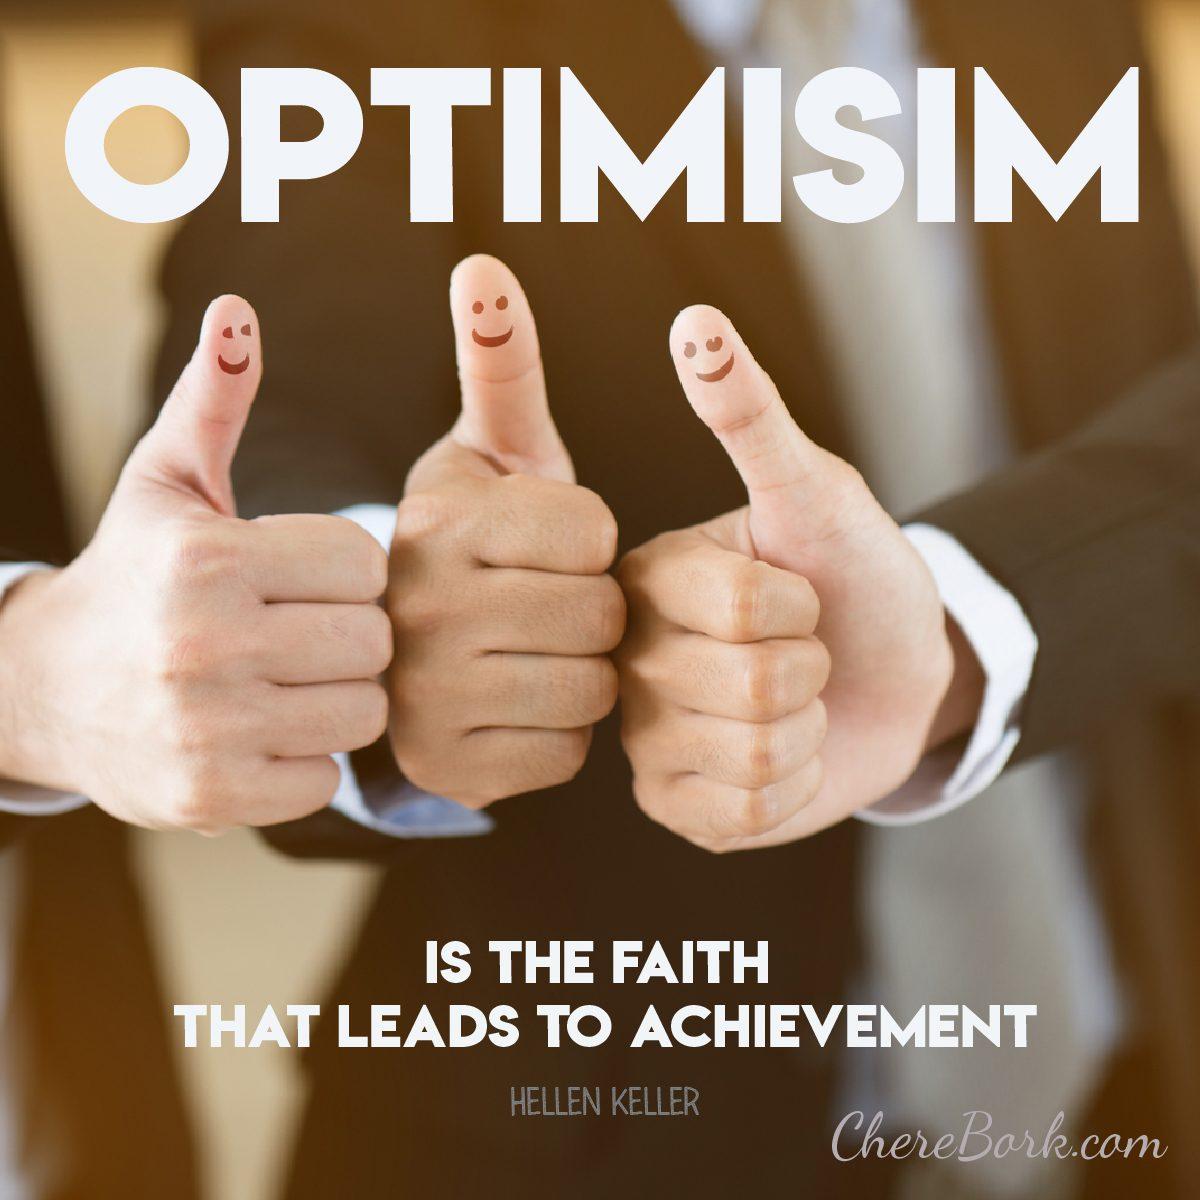 Optimism is the faith that leads to achievement. -Hellen Keller